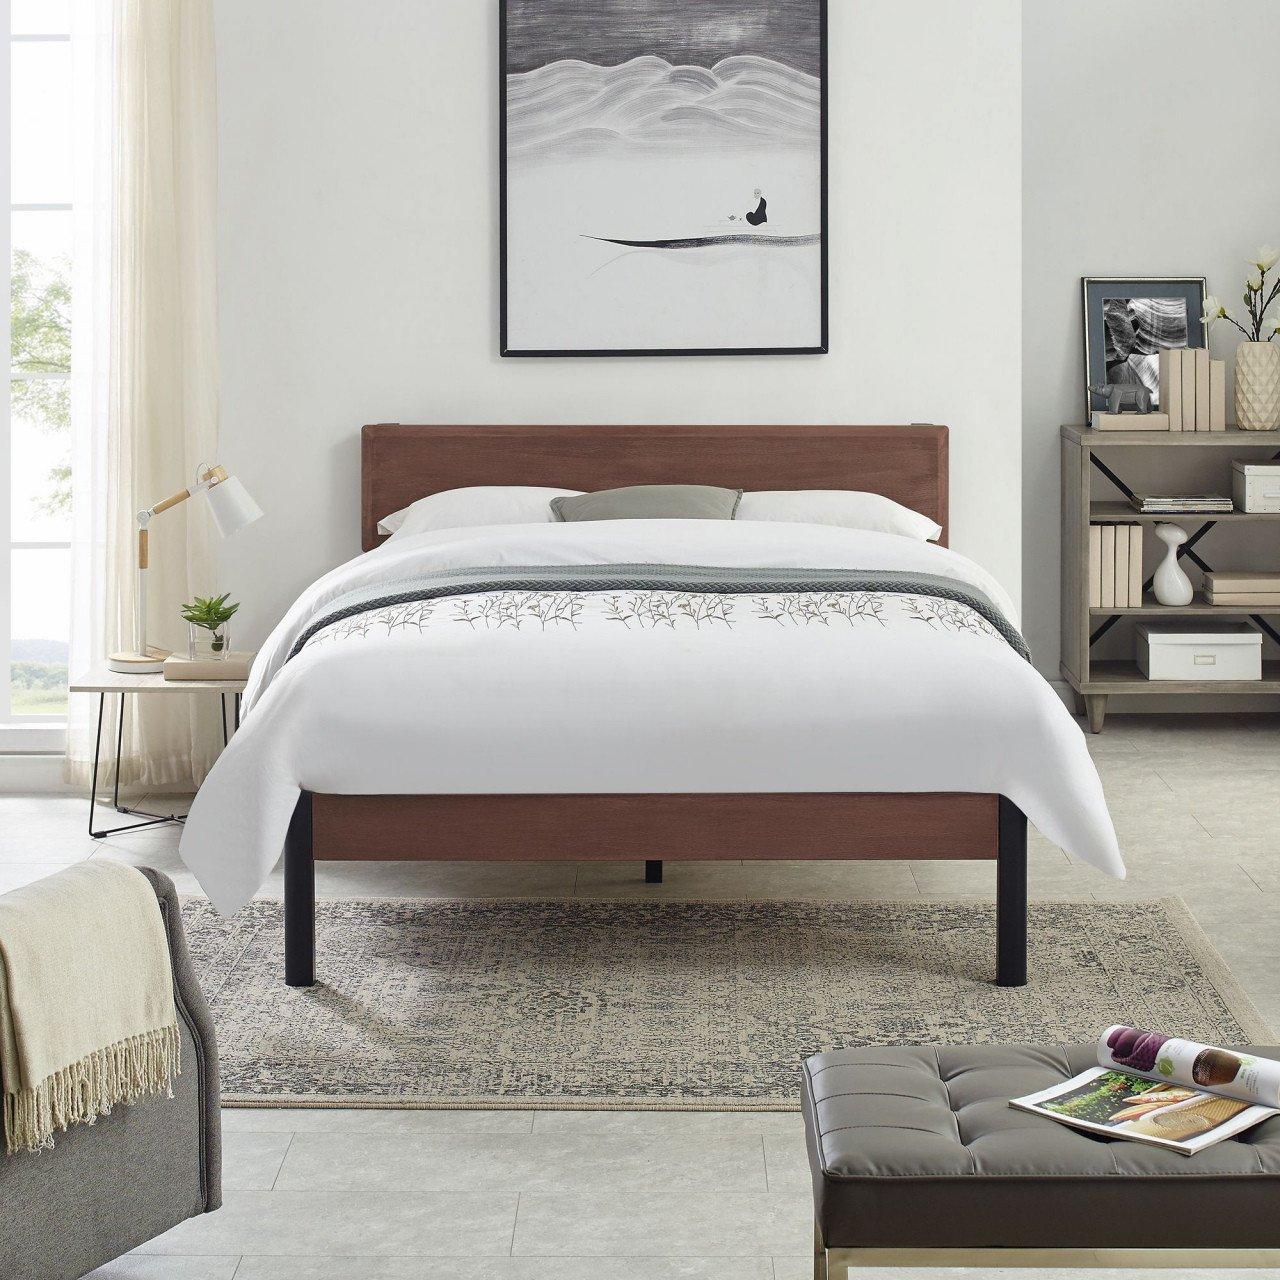 Solid Oak Bedroom Furniture Inspirational solid Wood Bedroom Furniture — Procura Home Blog